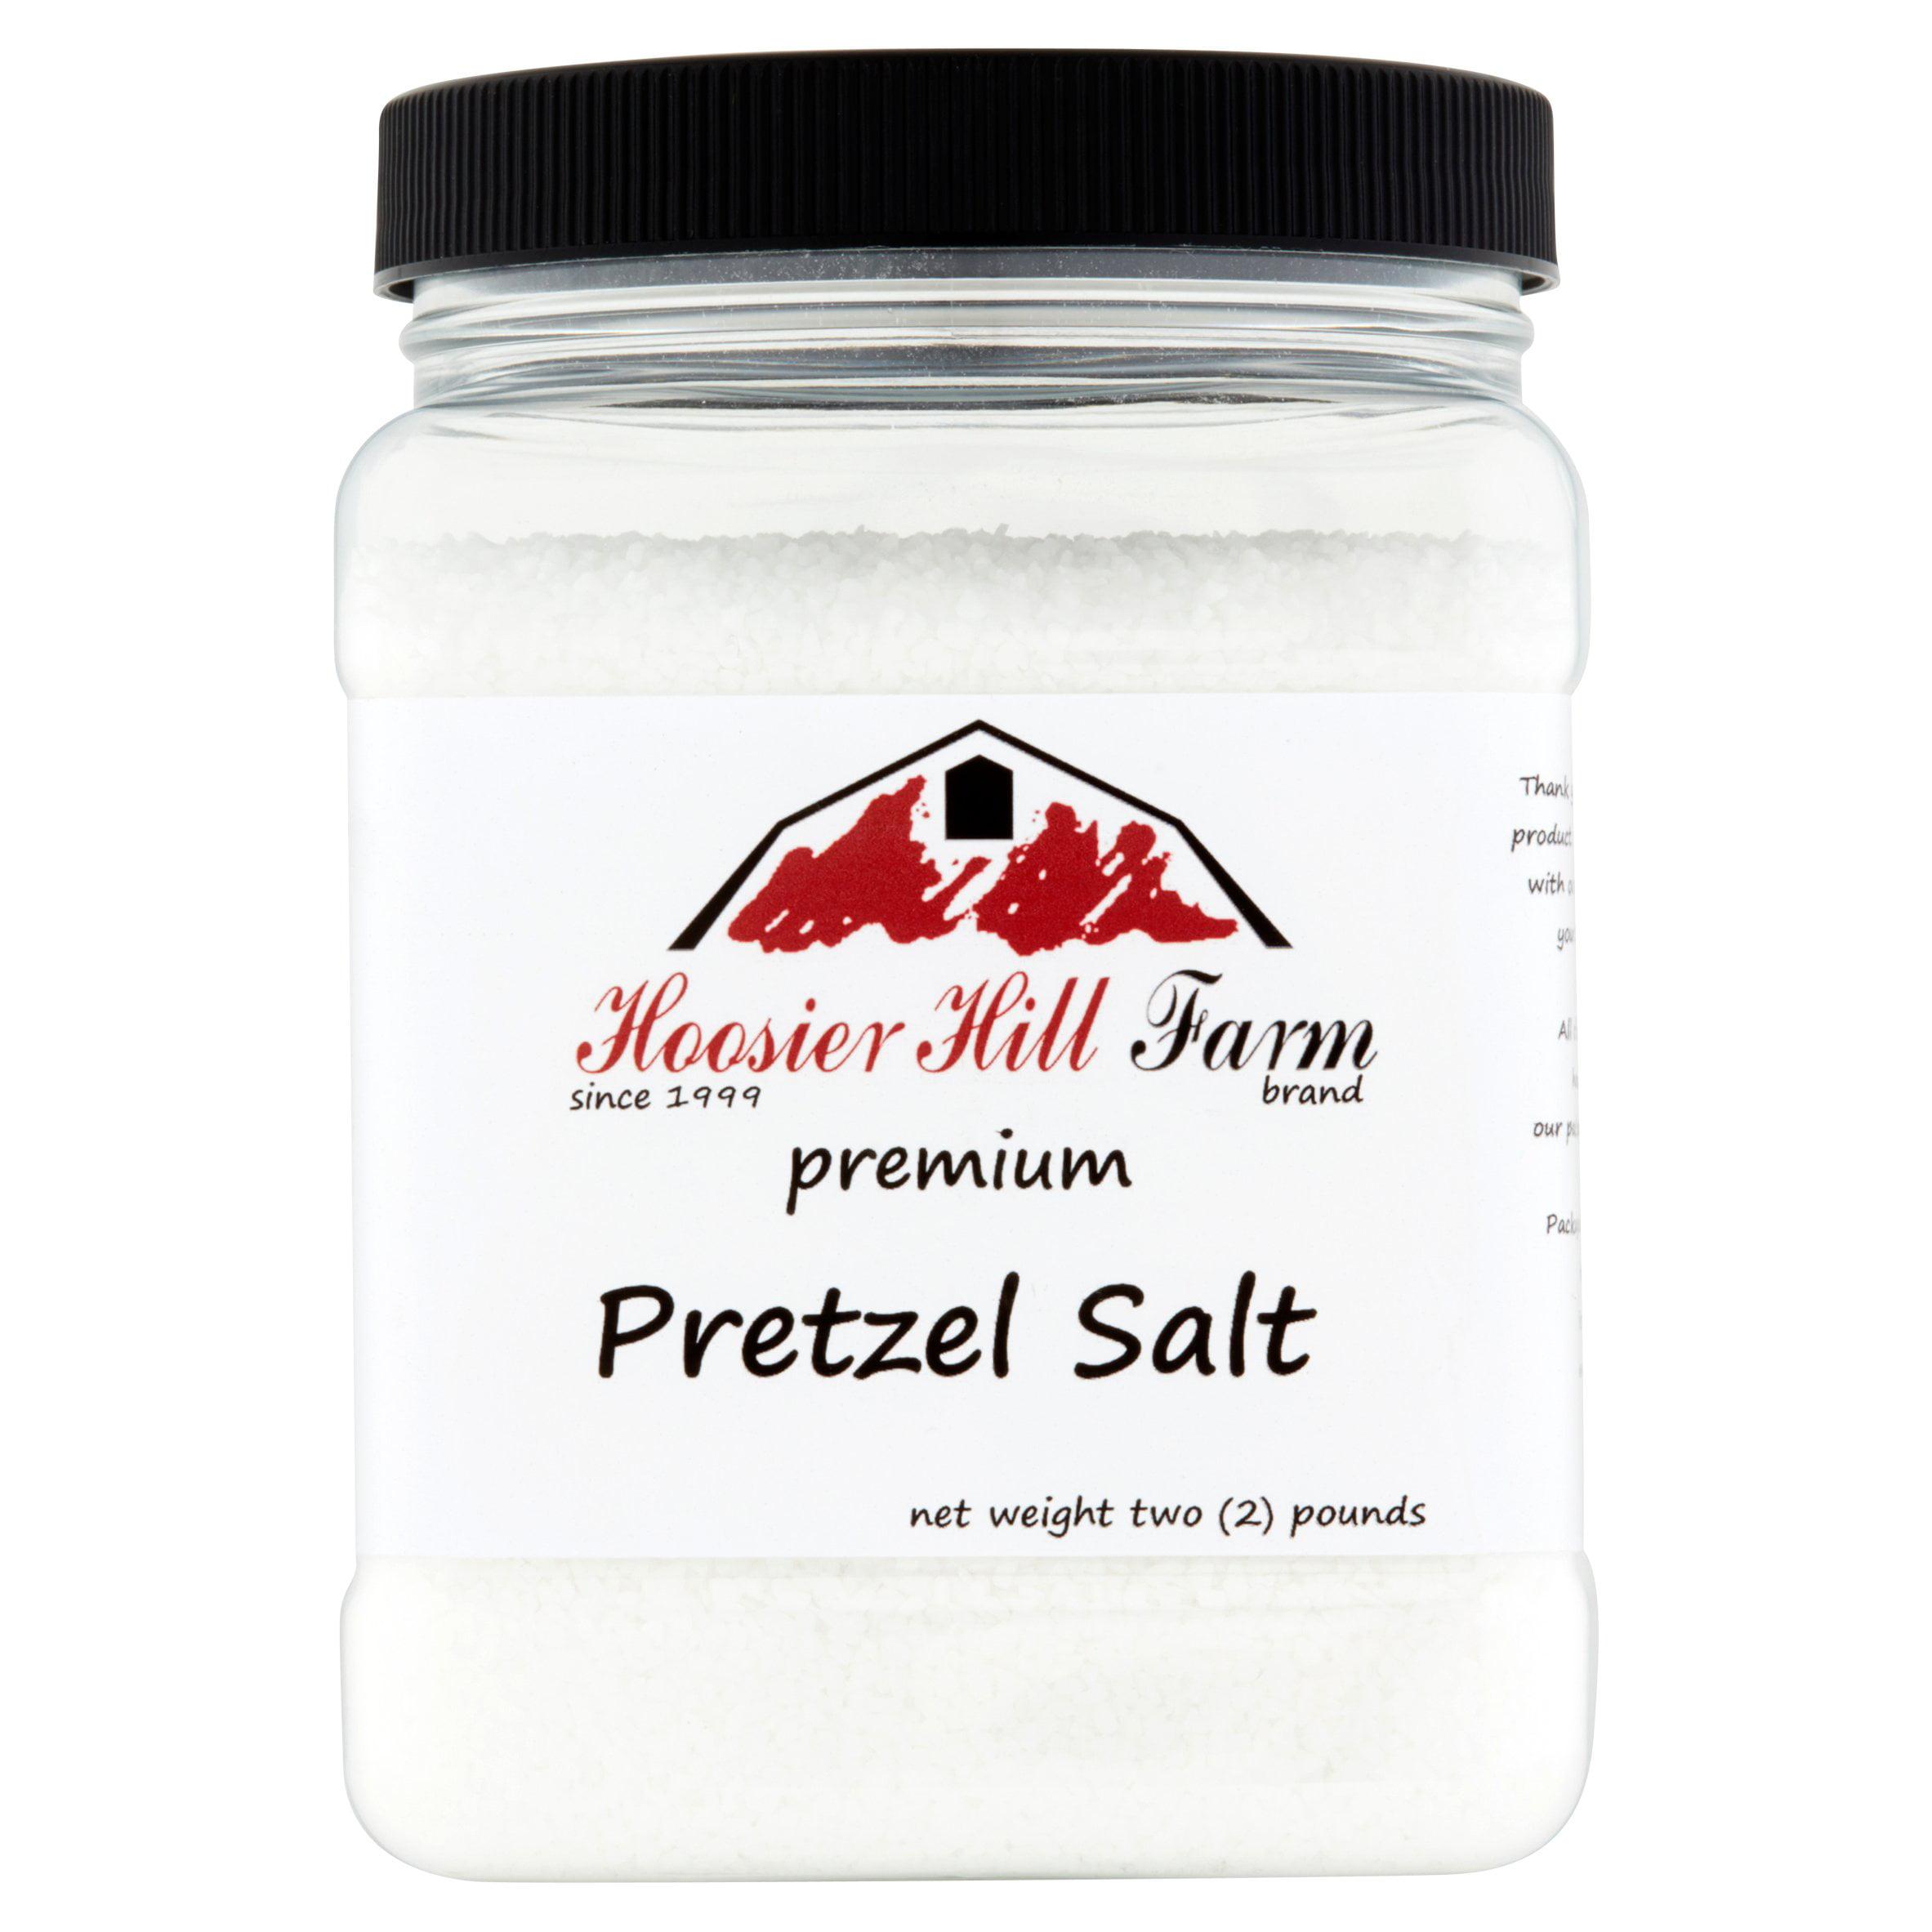 Hoosier Hill Farm Coarse Pretzel Salt, 2 lbs plastic jar